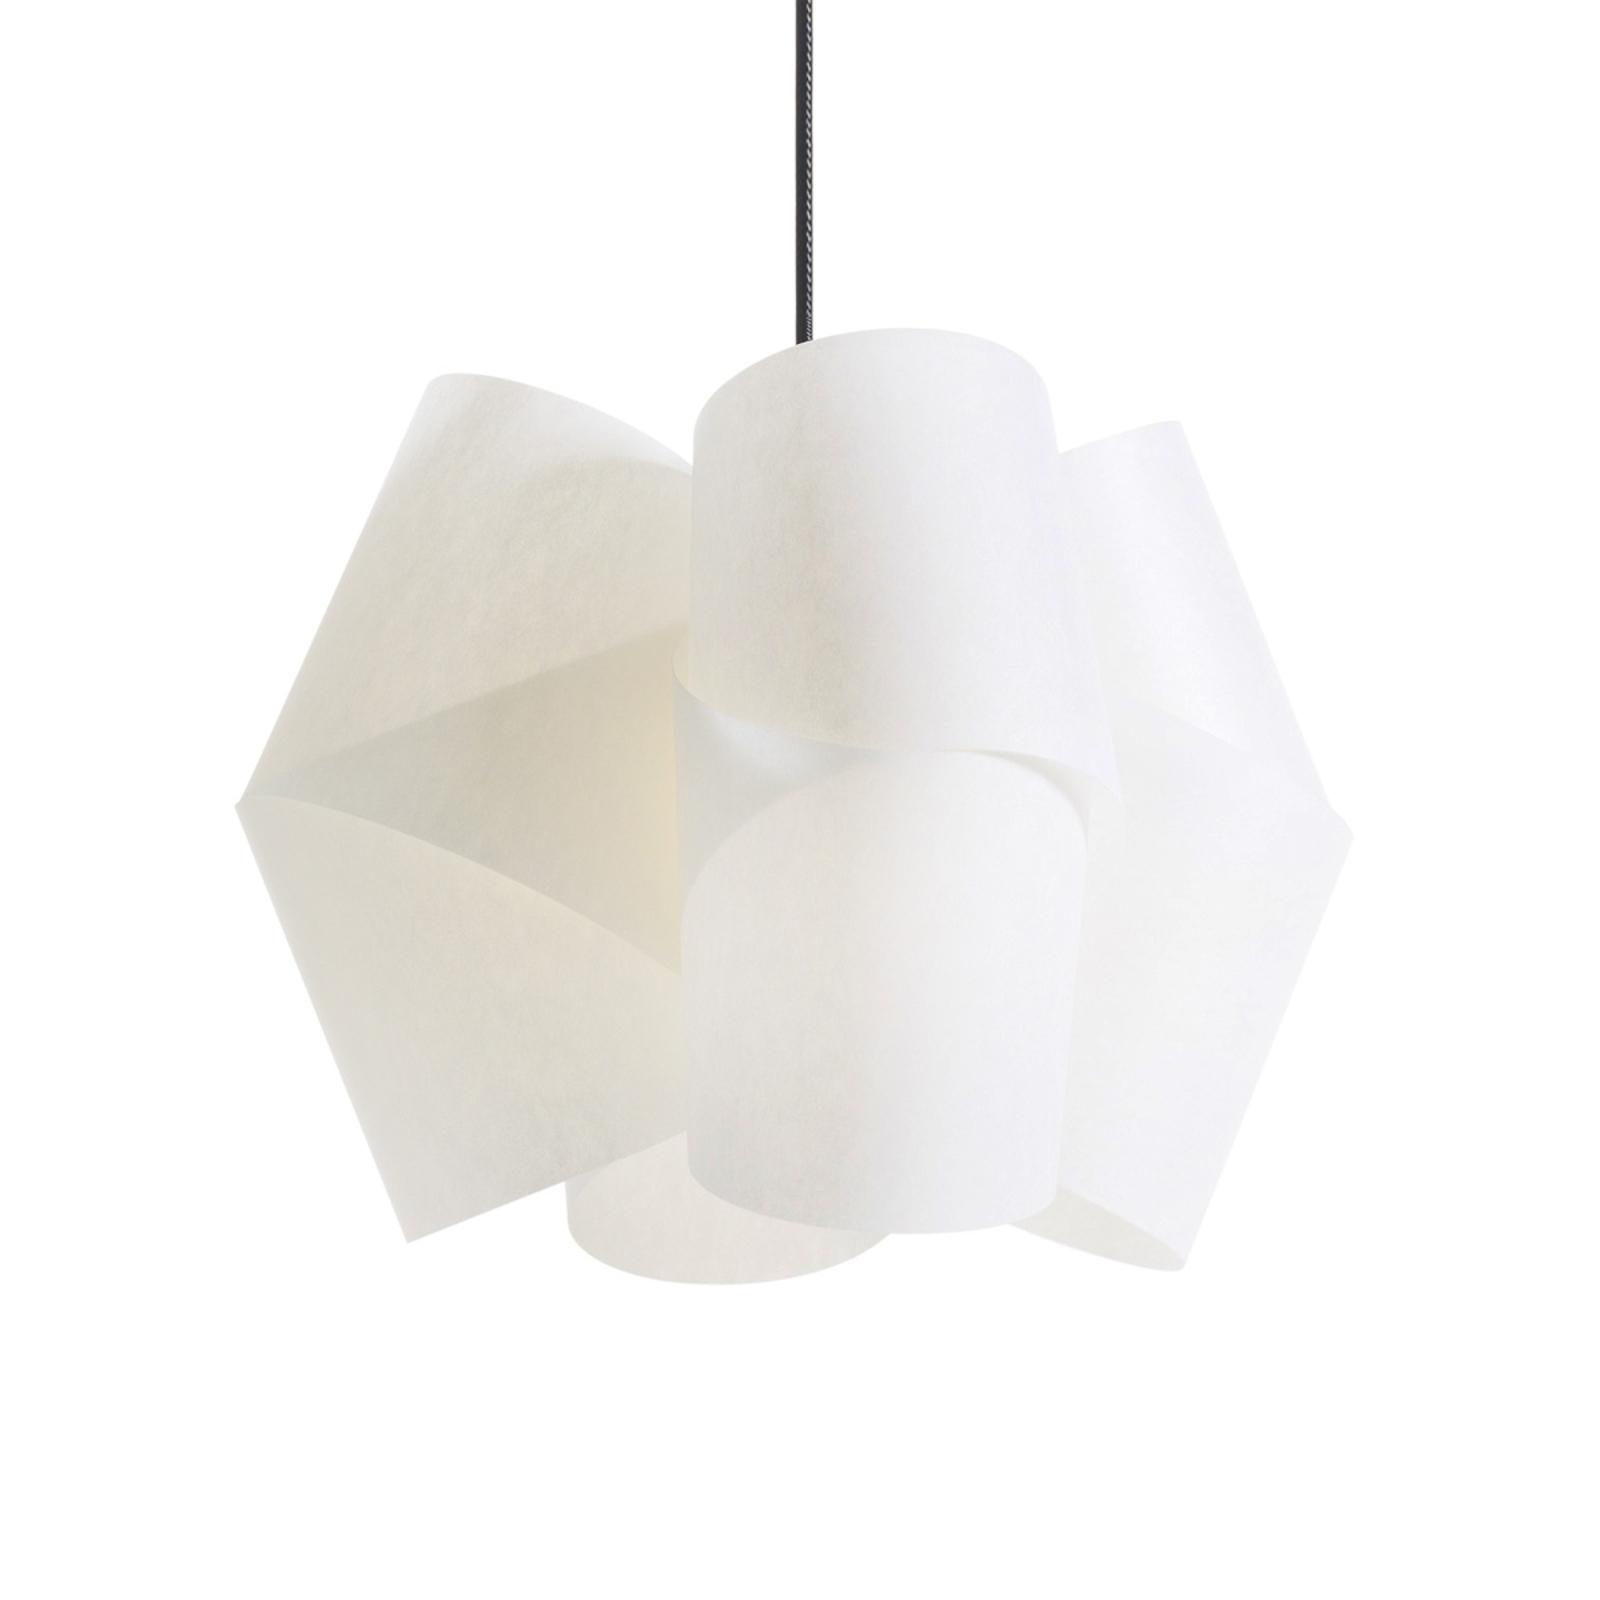 Závěsné světlo Julii, bílý antracit, Ø 36 cm